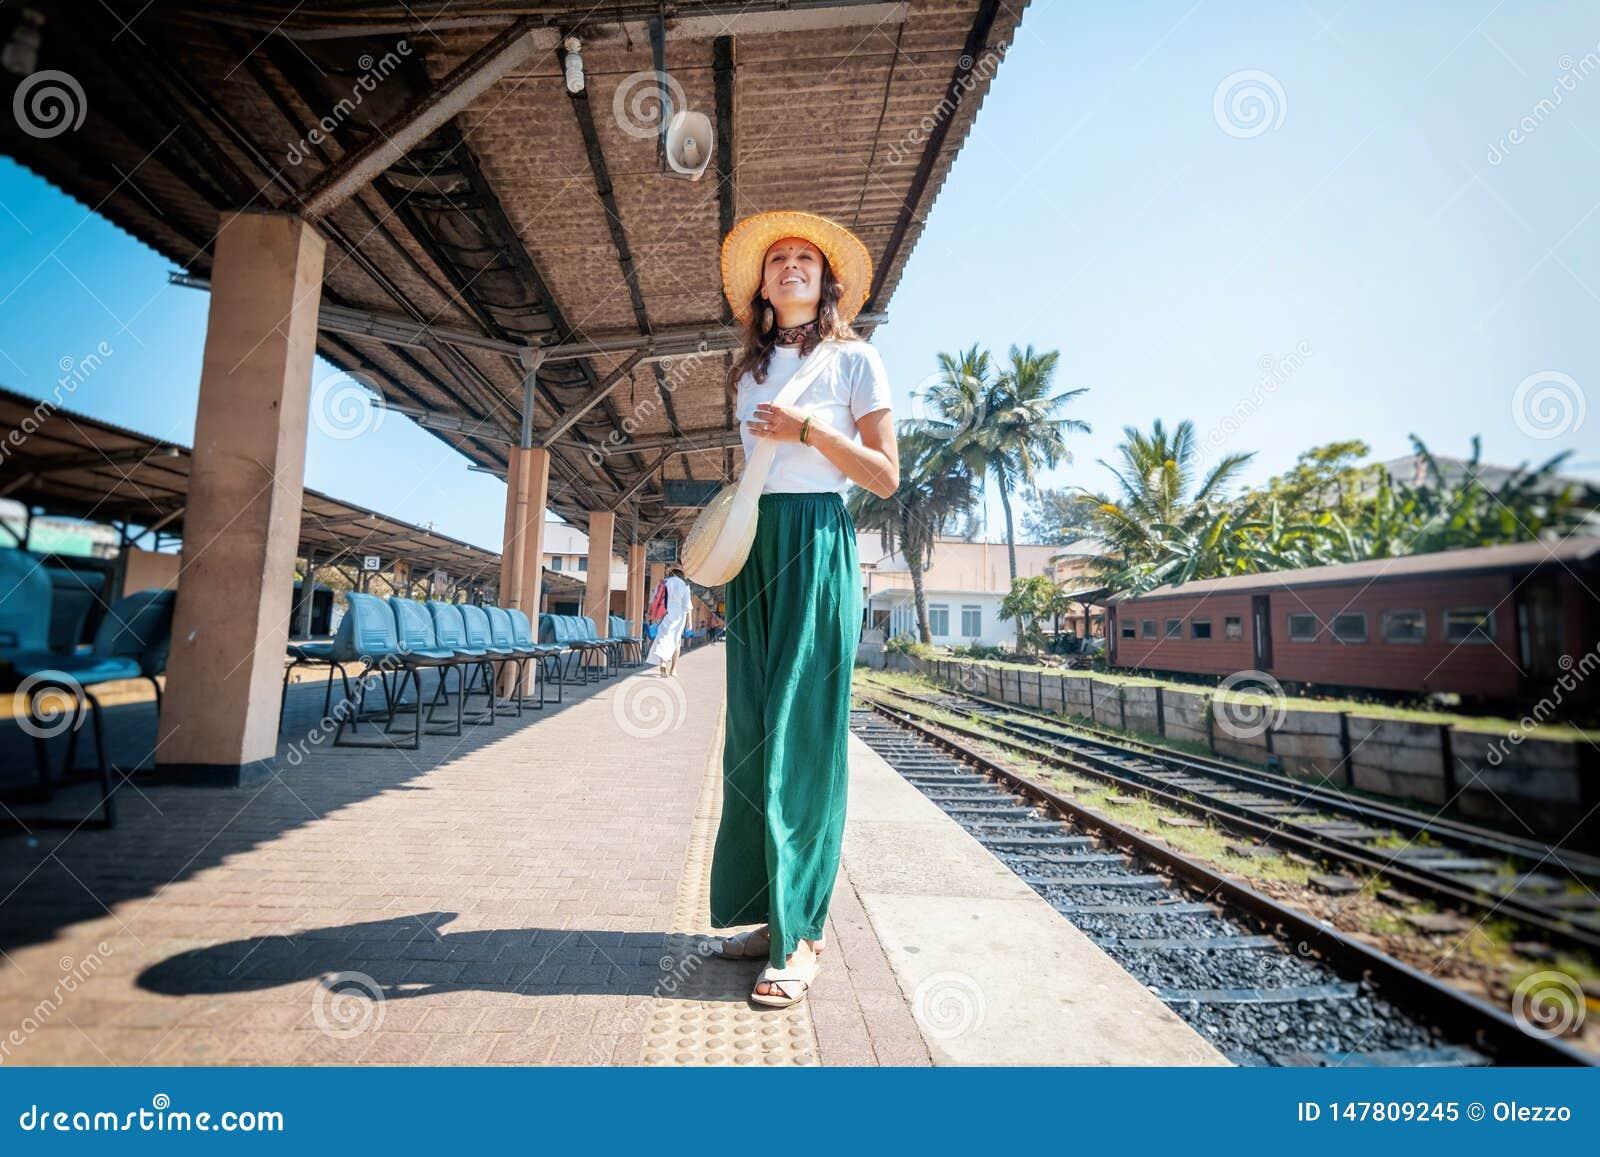 Mooie jonge vrouw in reizigershoed op een spoorwegplatform in Sri Lanka die naar Azië, Ceylon reizen